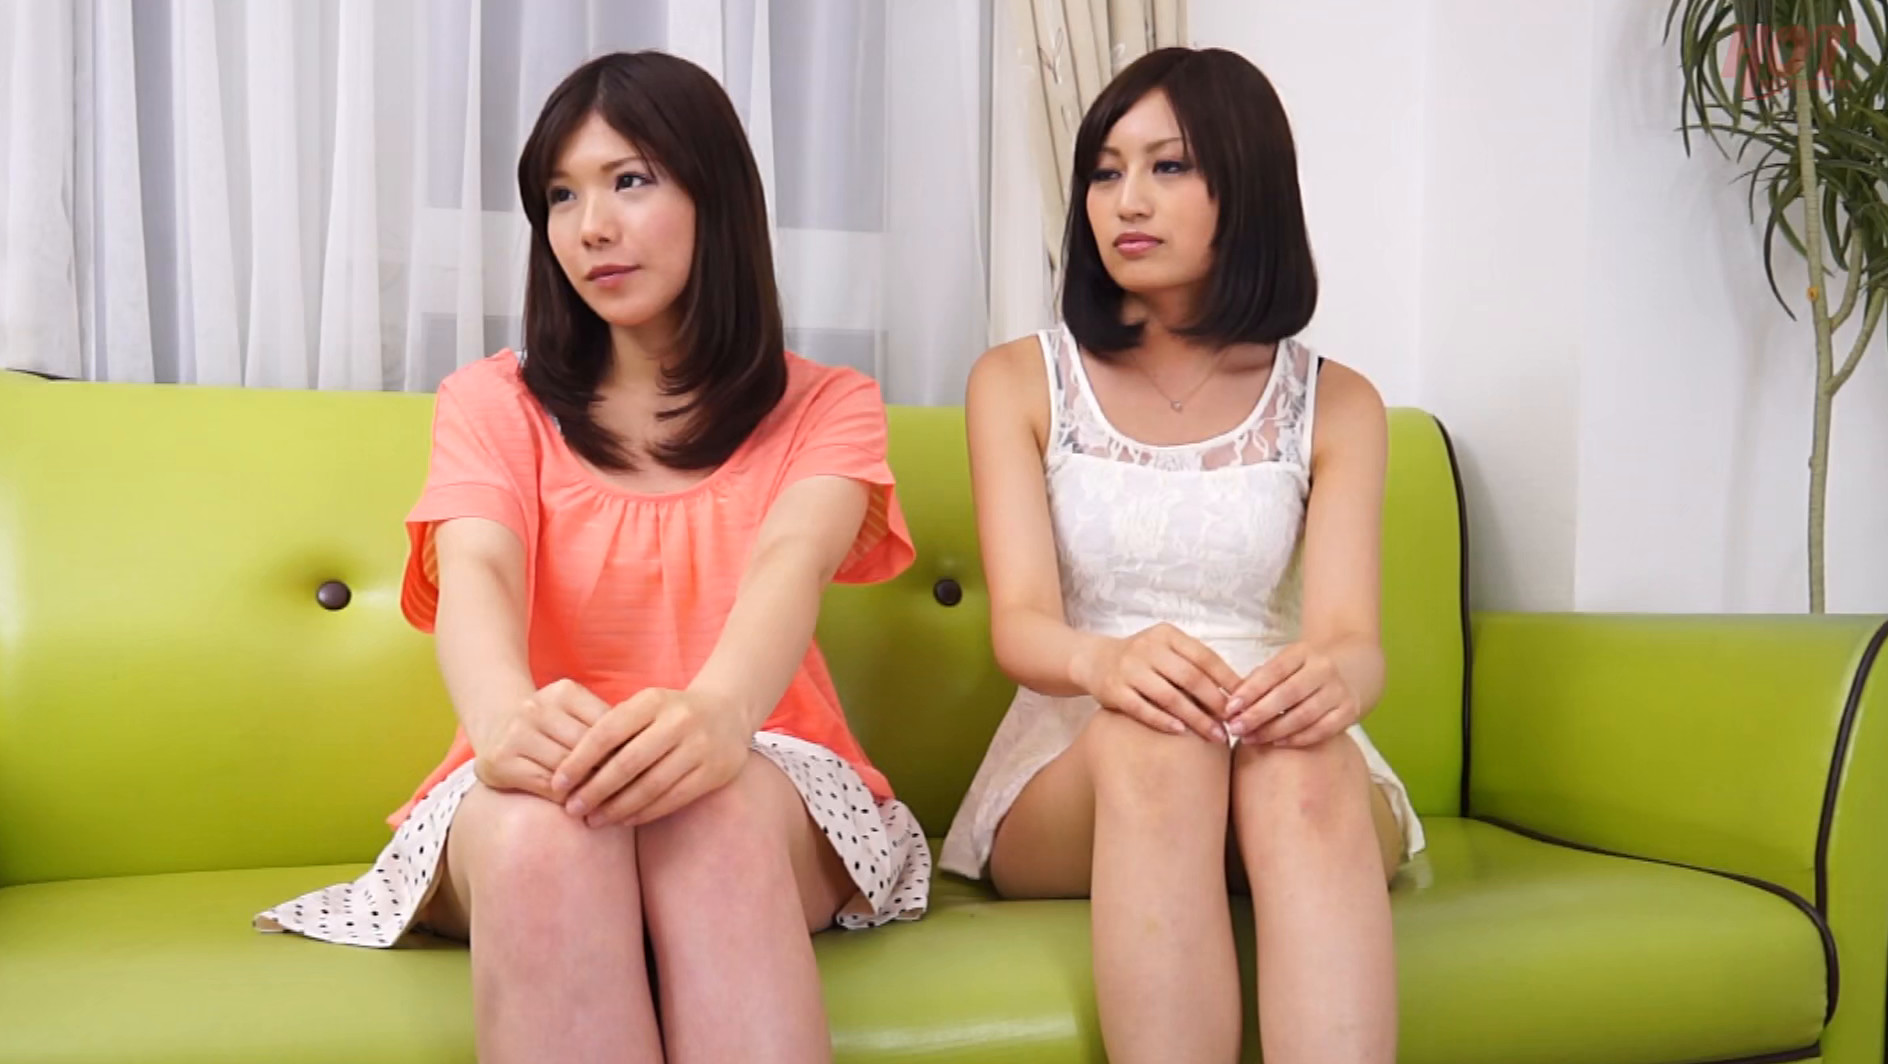 友達の前でガチエッチ!! 2 女のコが一番恥ずかしい事!それは友達の前でエッチな事しちゃうこと!そのムリな事やってもらいます!! 18名 画像16